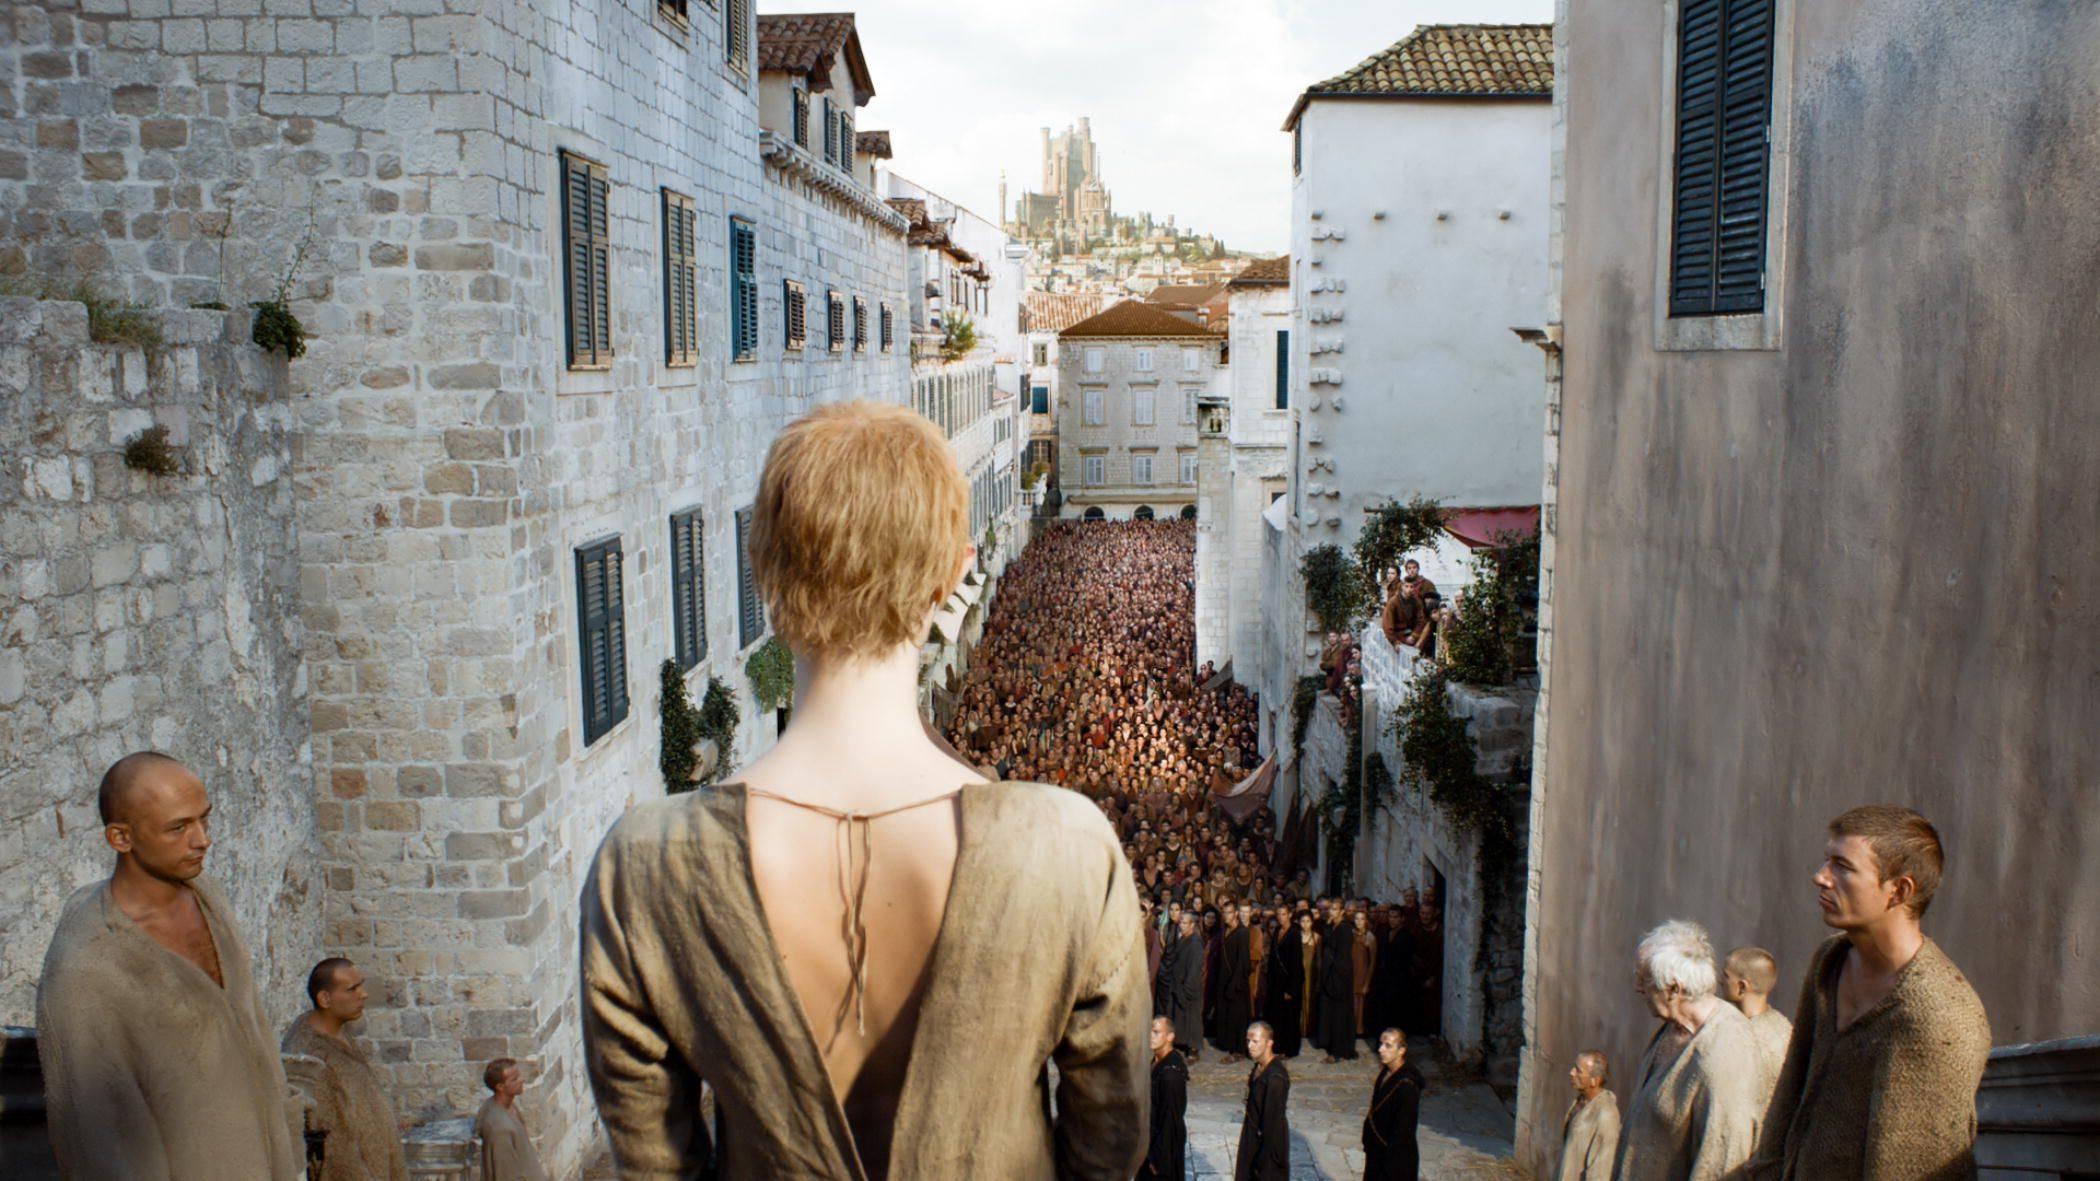 Lena Headey habló sobre su desnudo en Game of Thrones el cual causó polémica en su momento